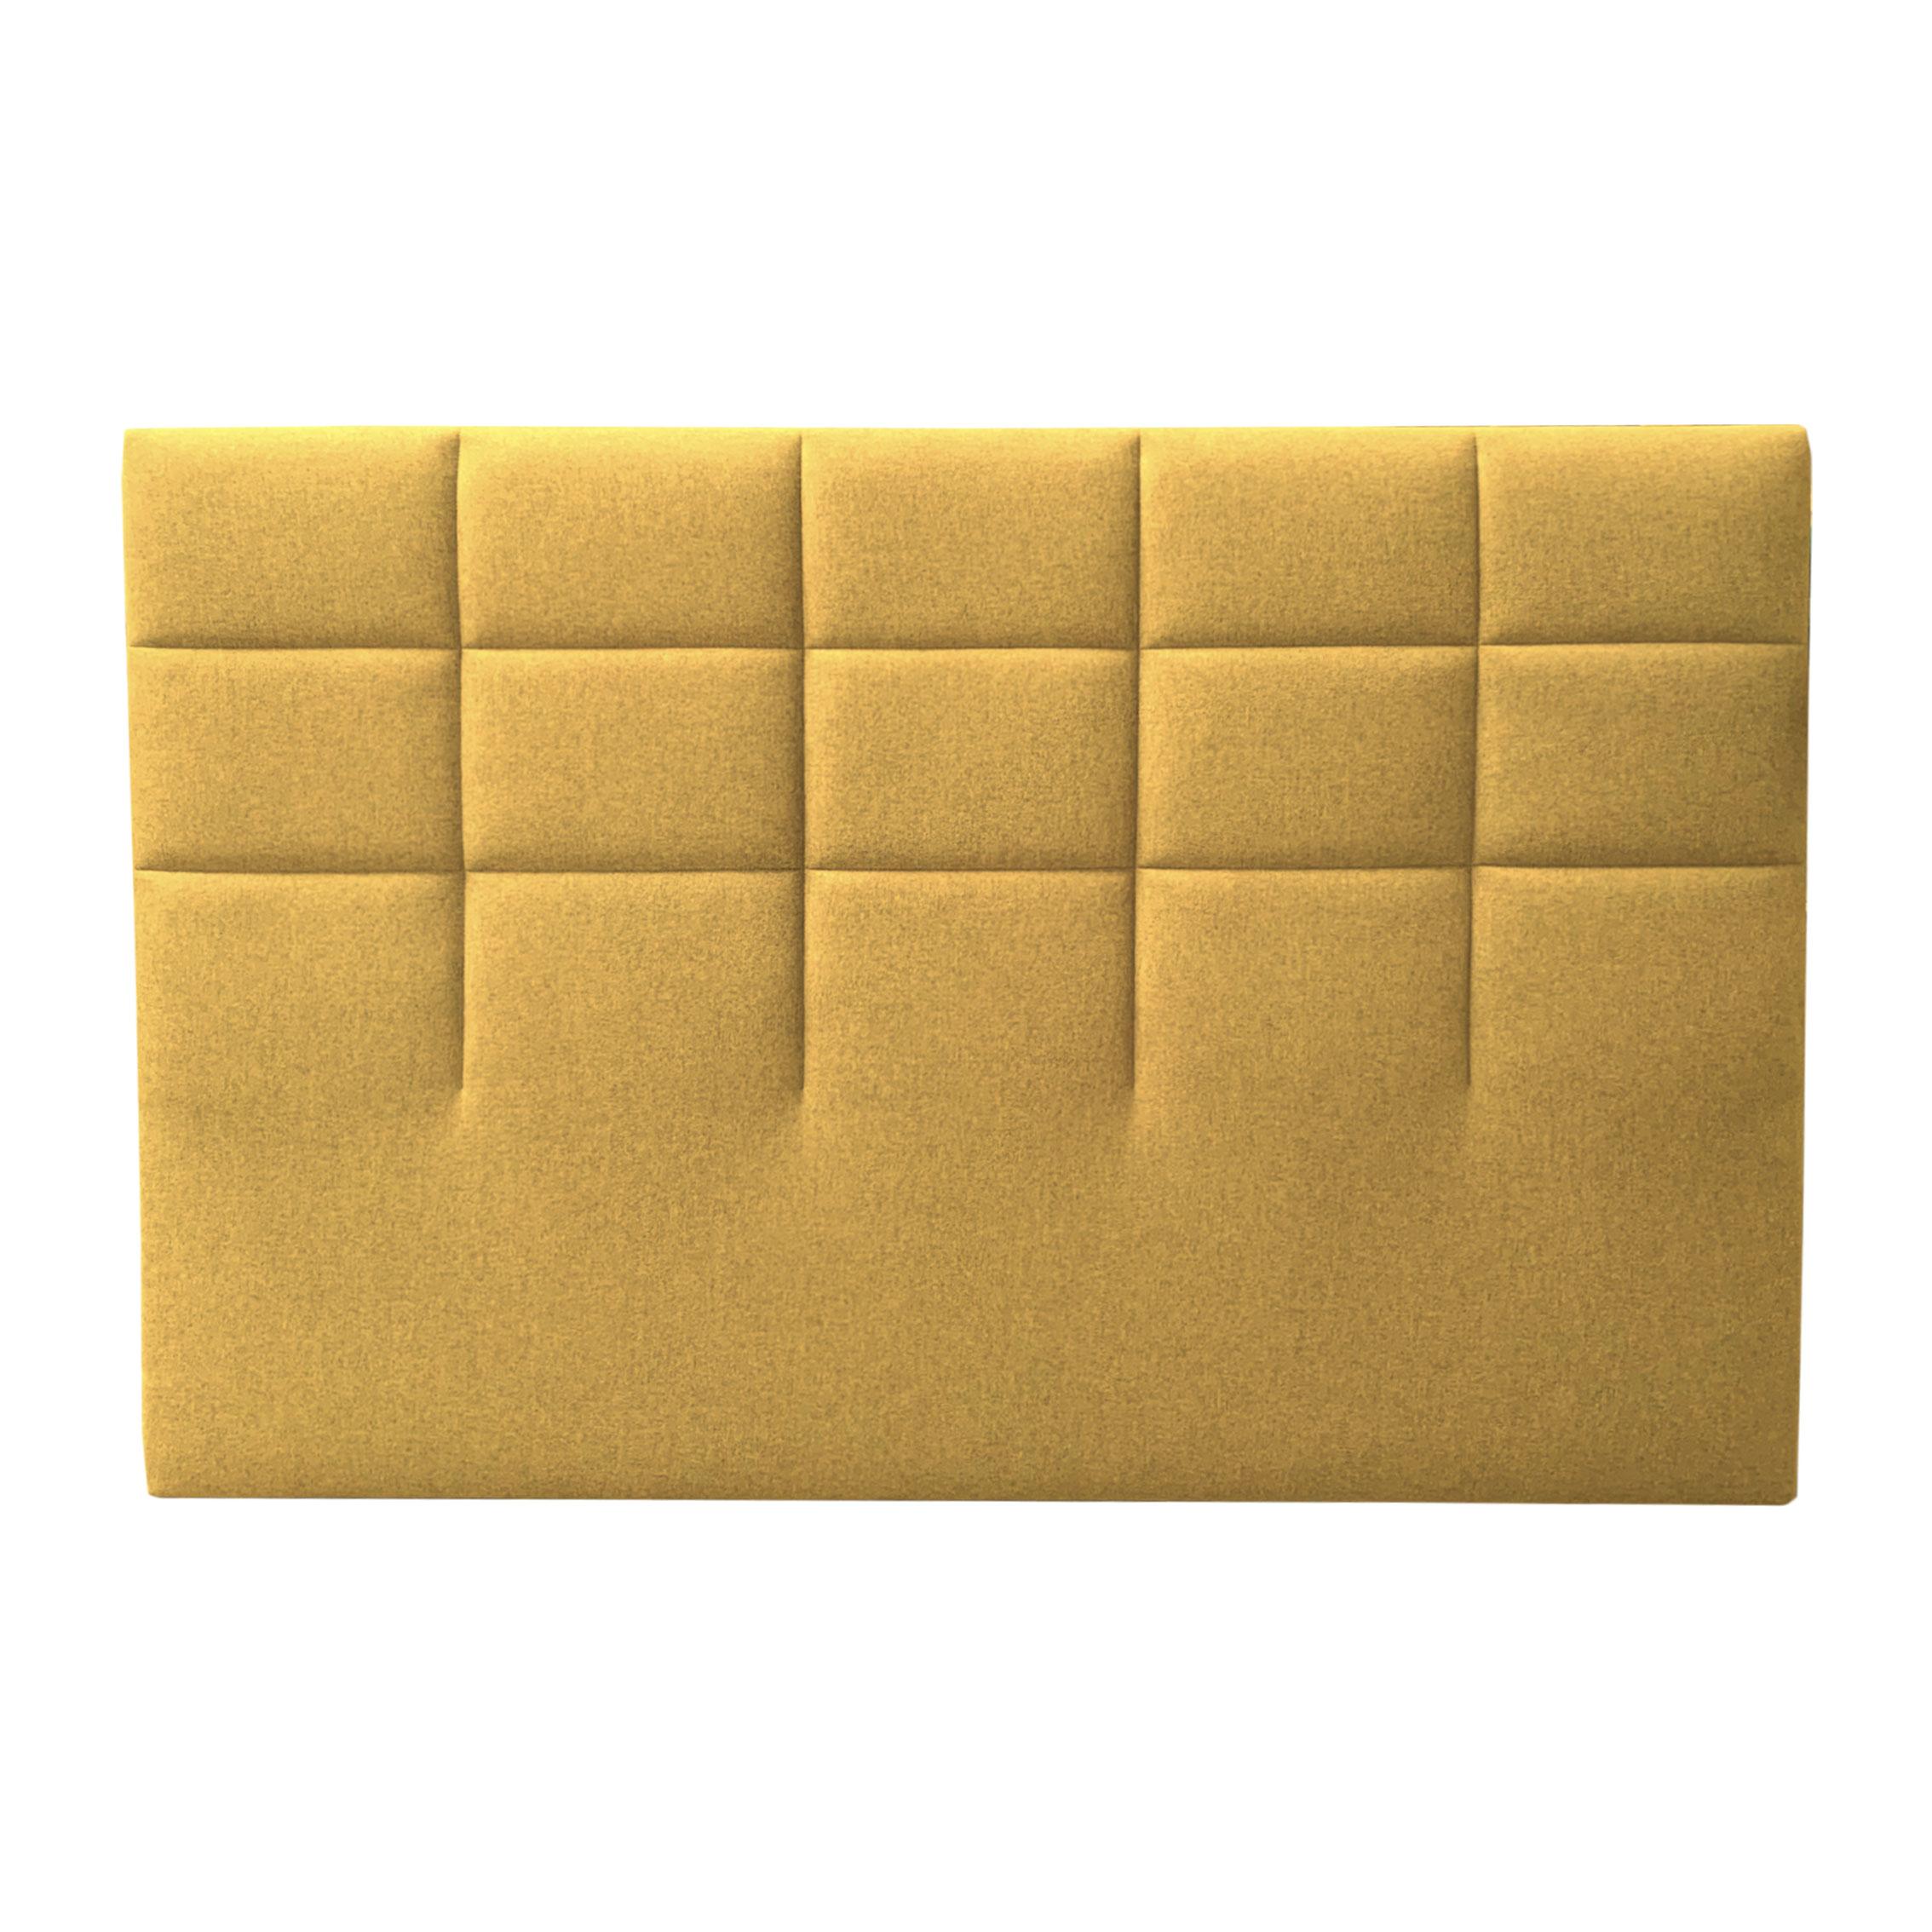 Tête de lit CARRE moutarde